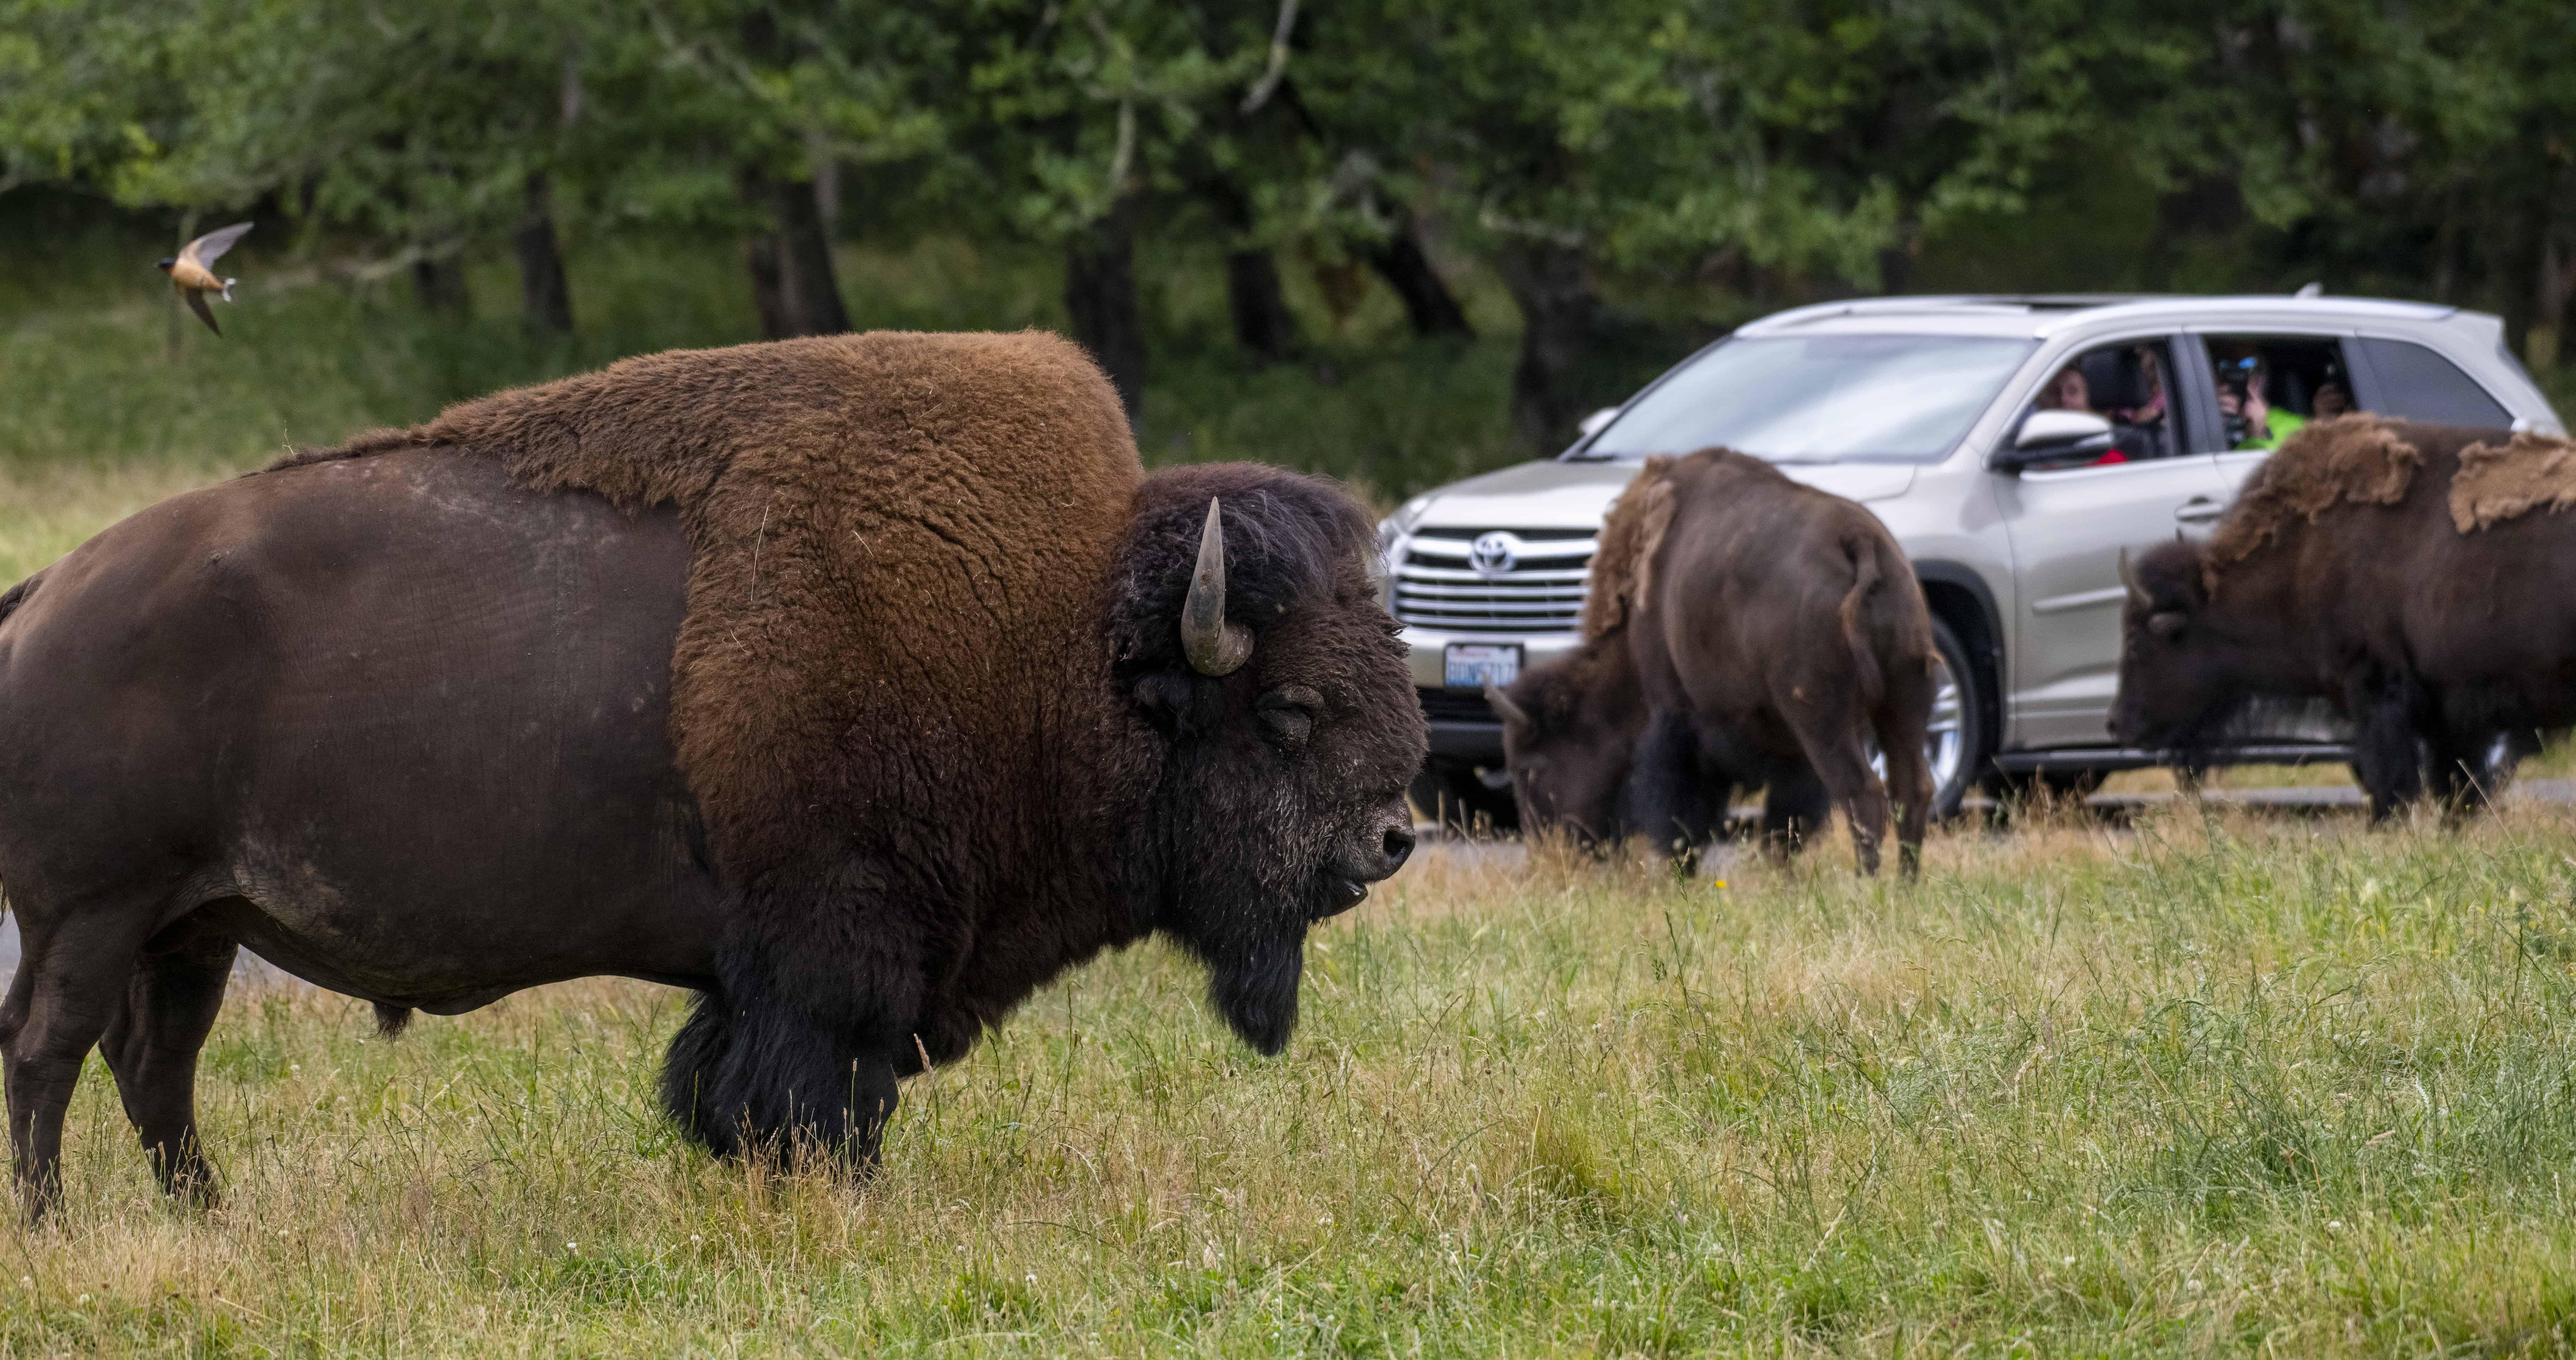 Bison graze in the meadow on a Wild Drive Tour at Northwest Trek Wildlife Park